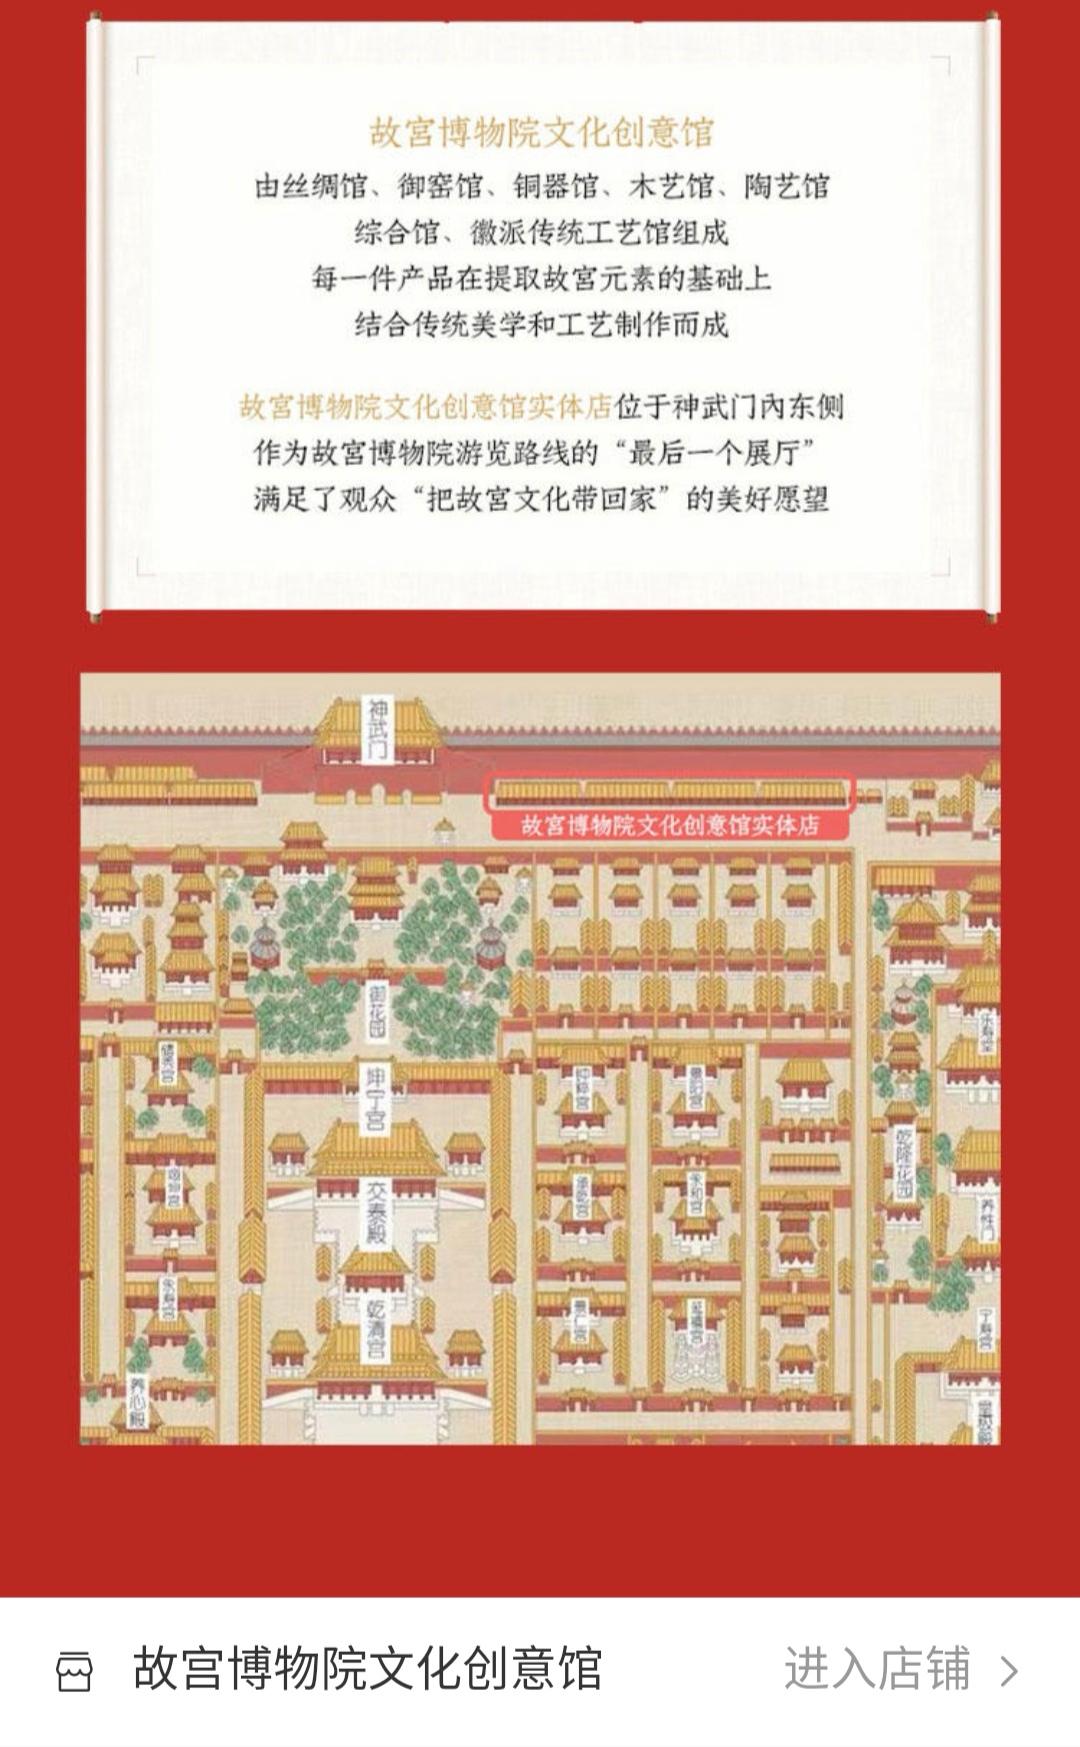 故宫文创爆火的背后:中国文化创意产业该何去何从?